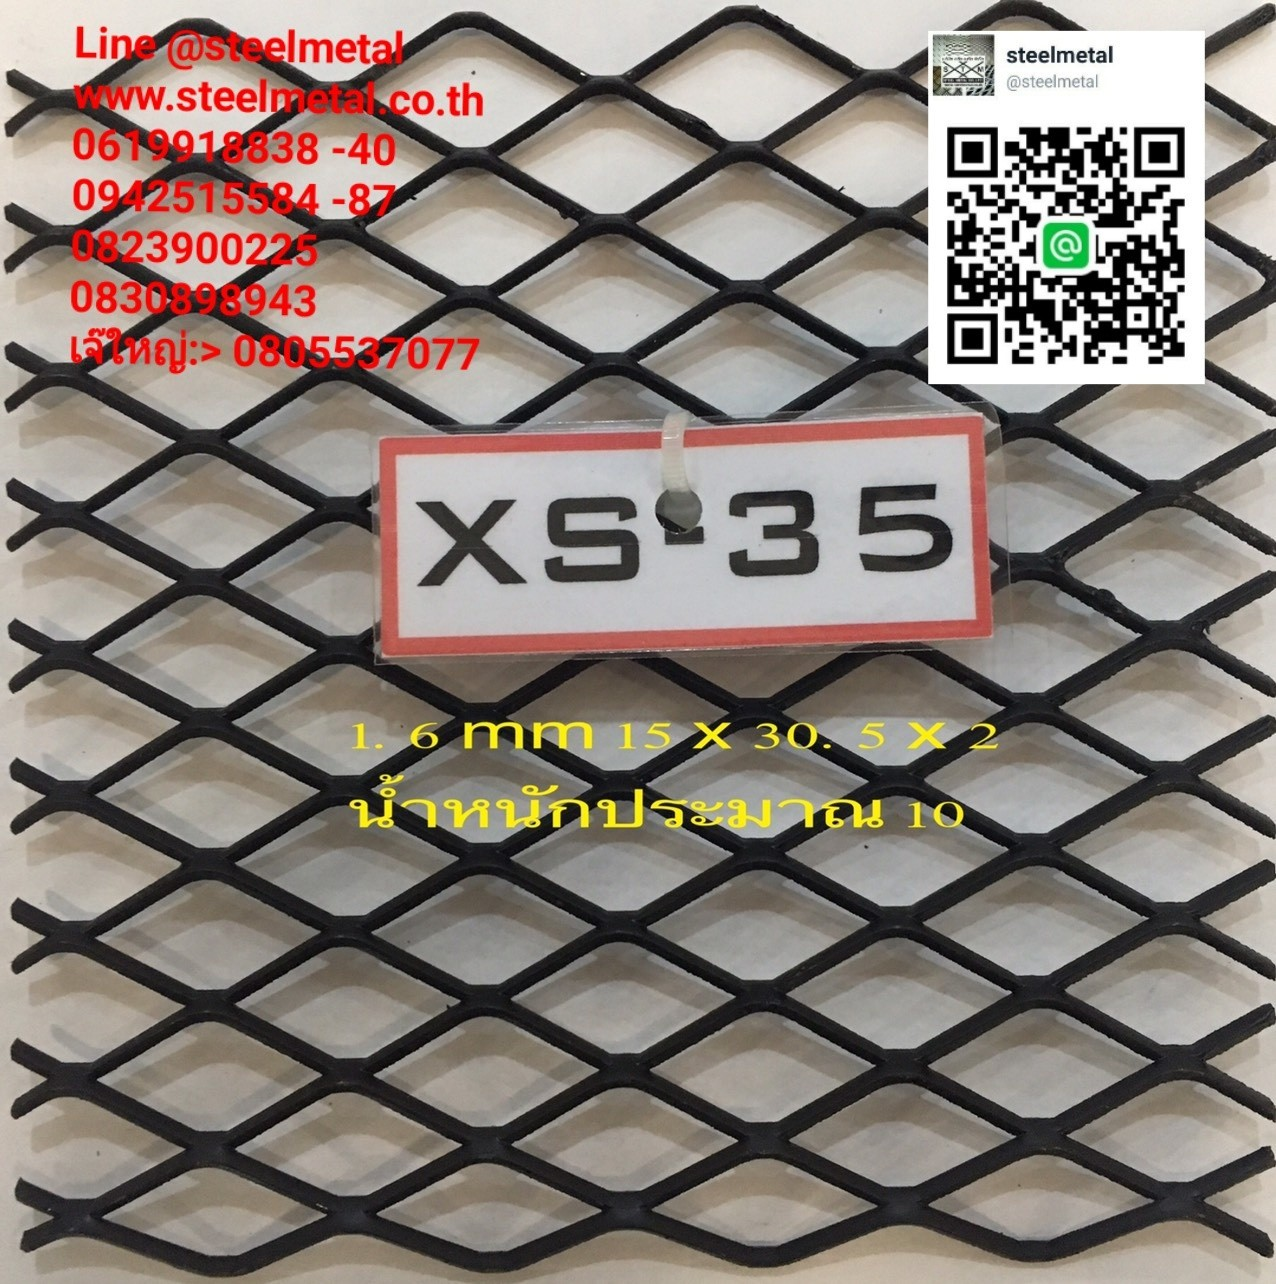 ตะแกรงเหล็กฉีกXS-35